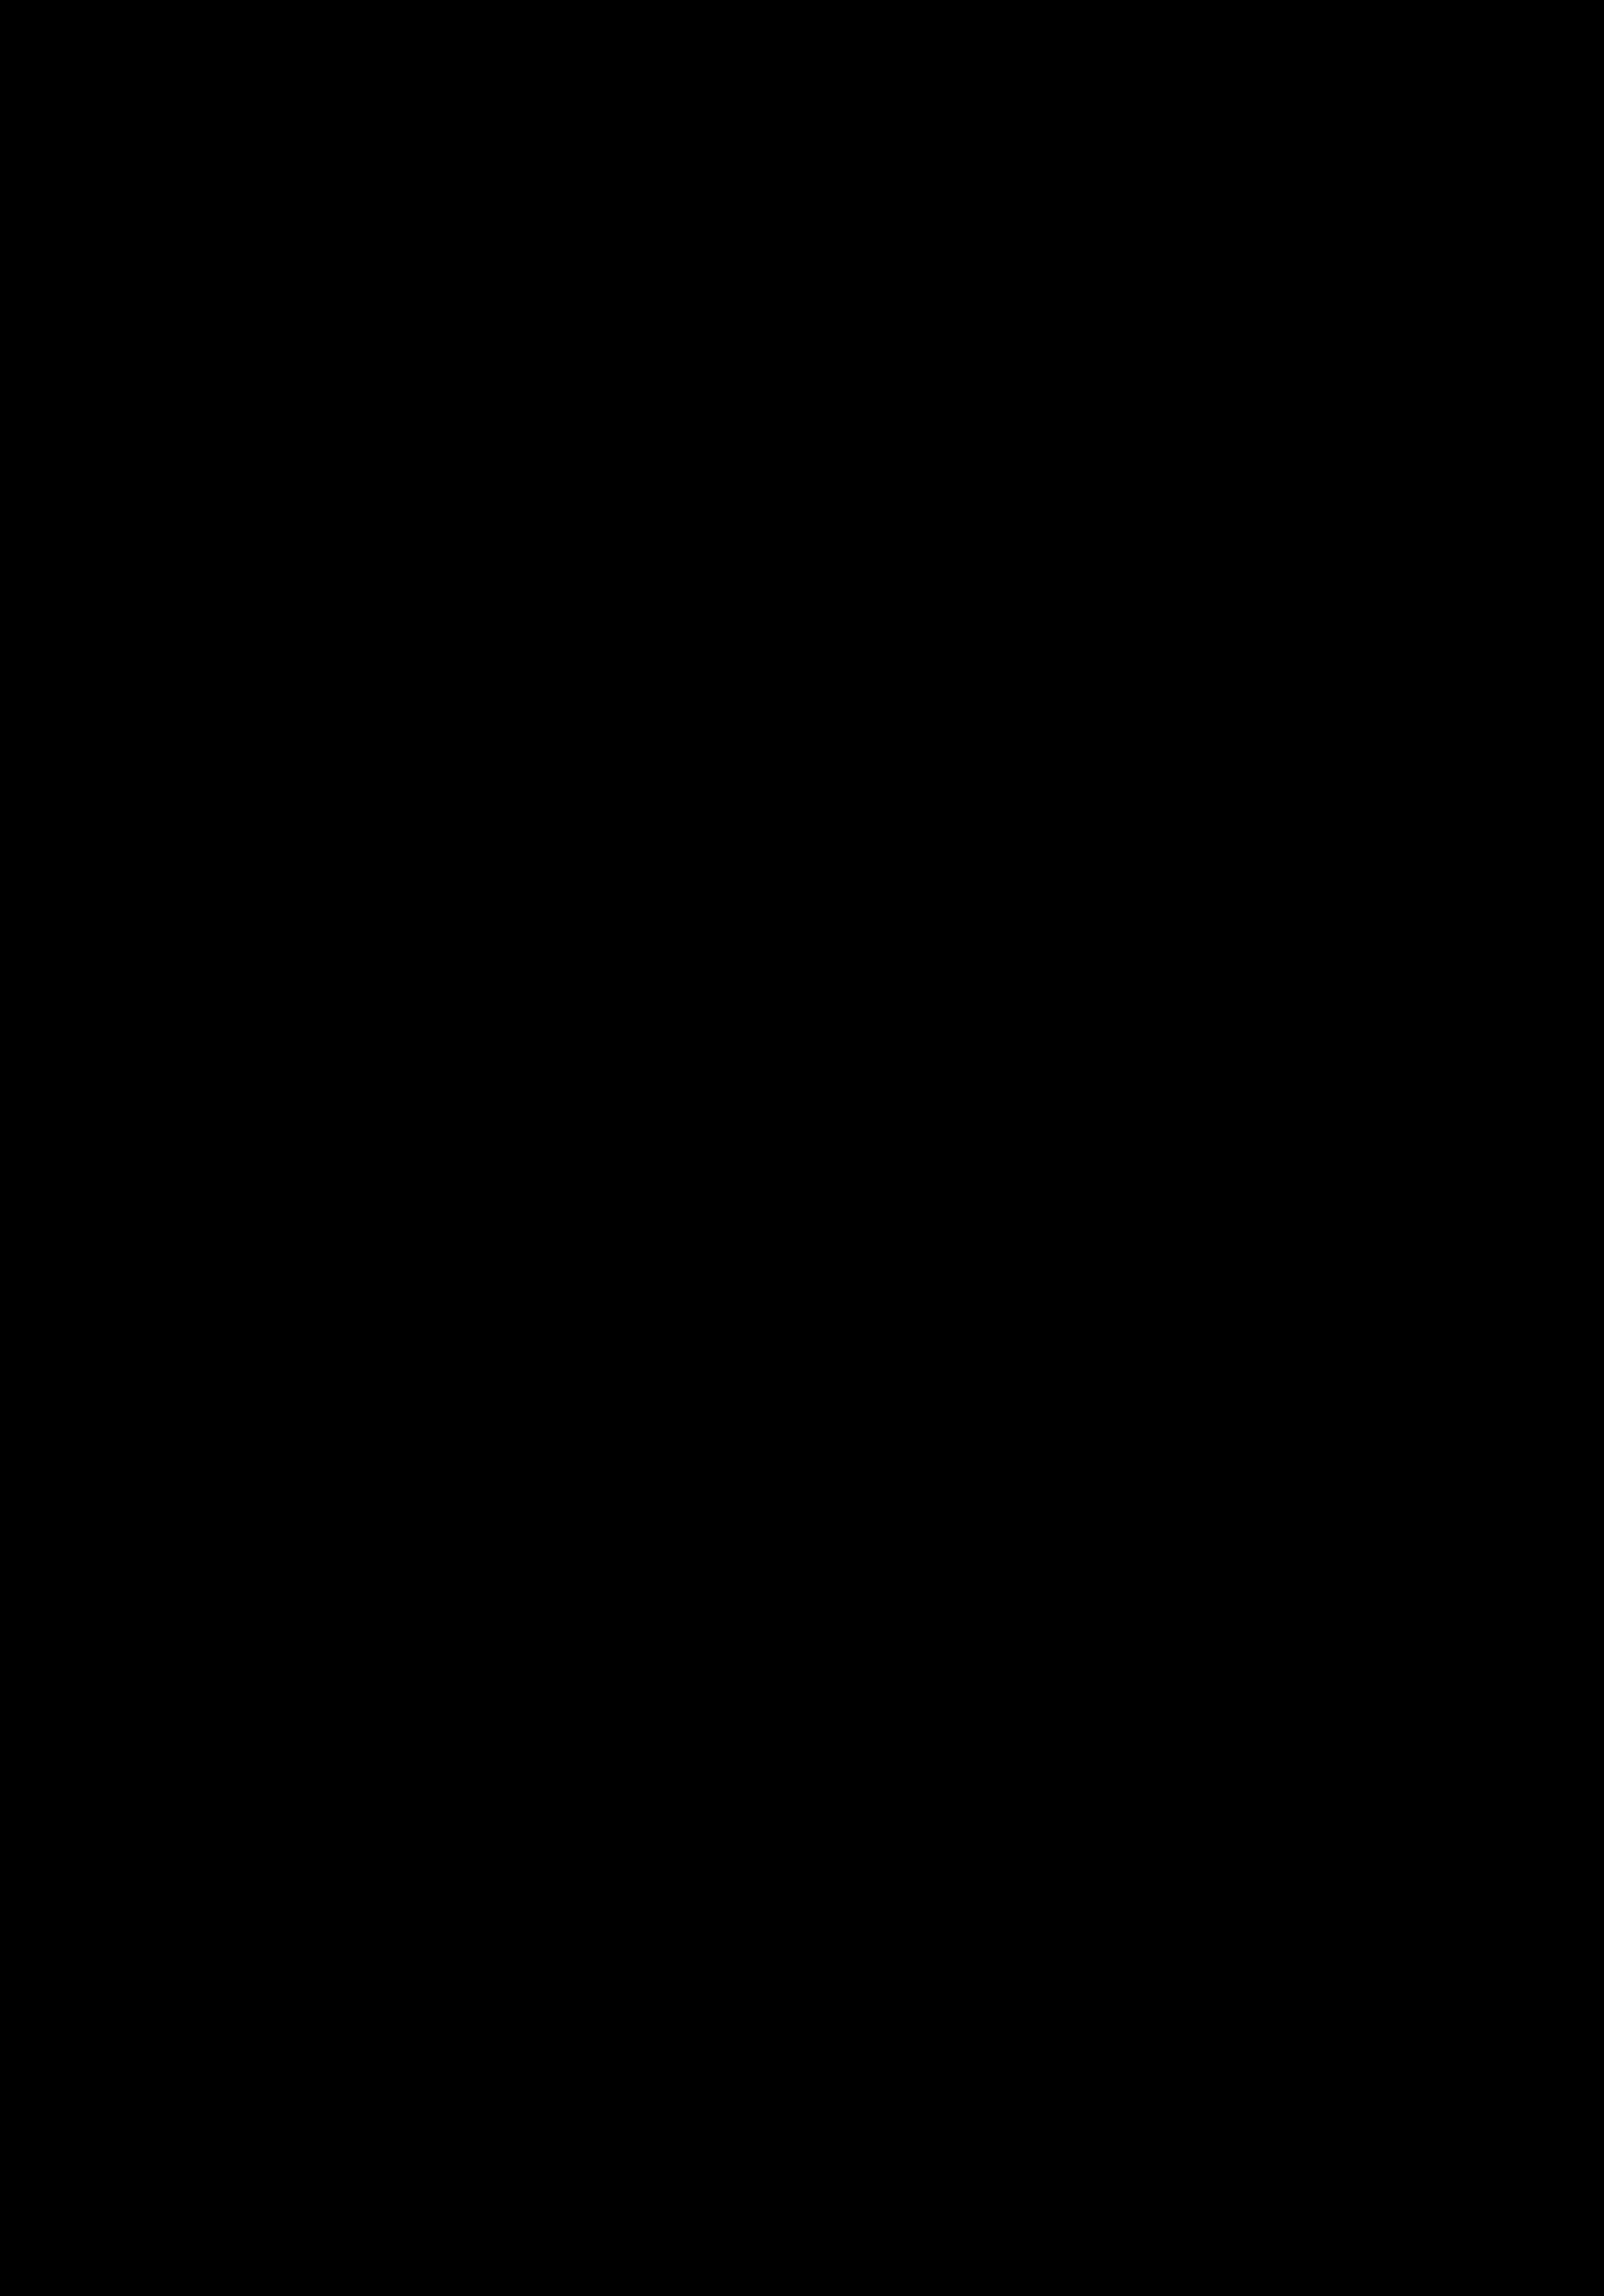 Stati generali della Montagna 30.06.2021